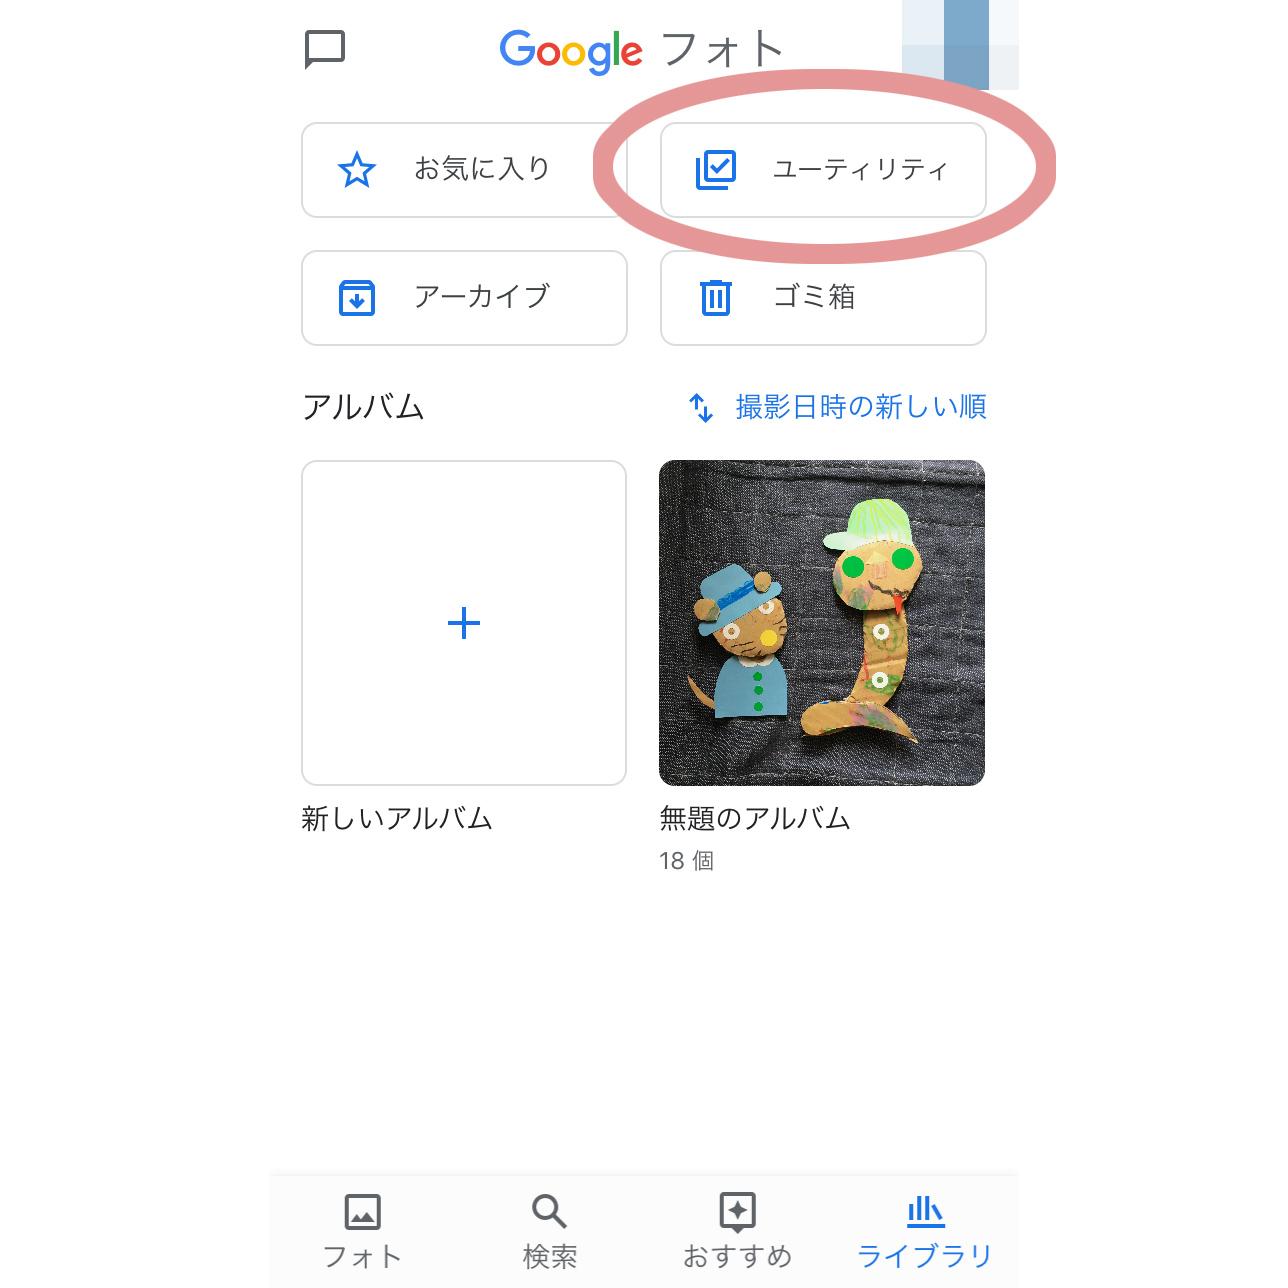 パラパラ動画を写真で作る方法!アプリはgoogleフォトが簡単!